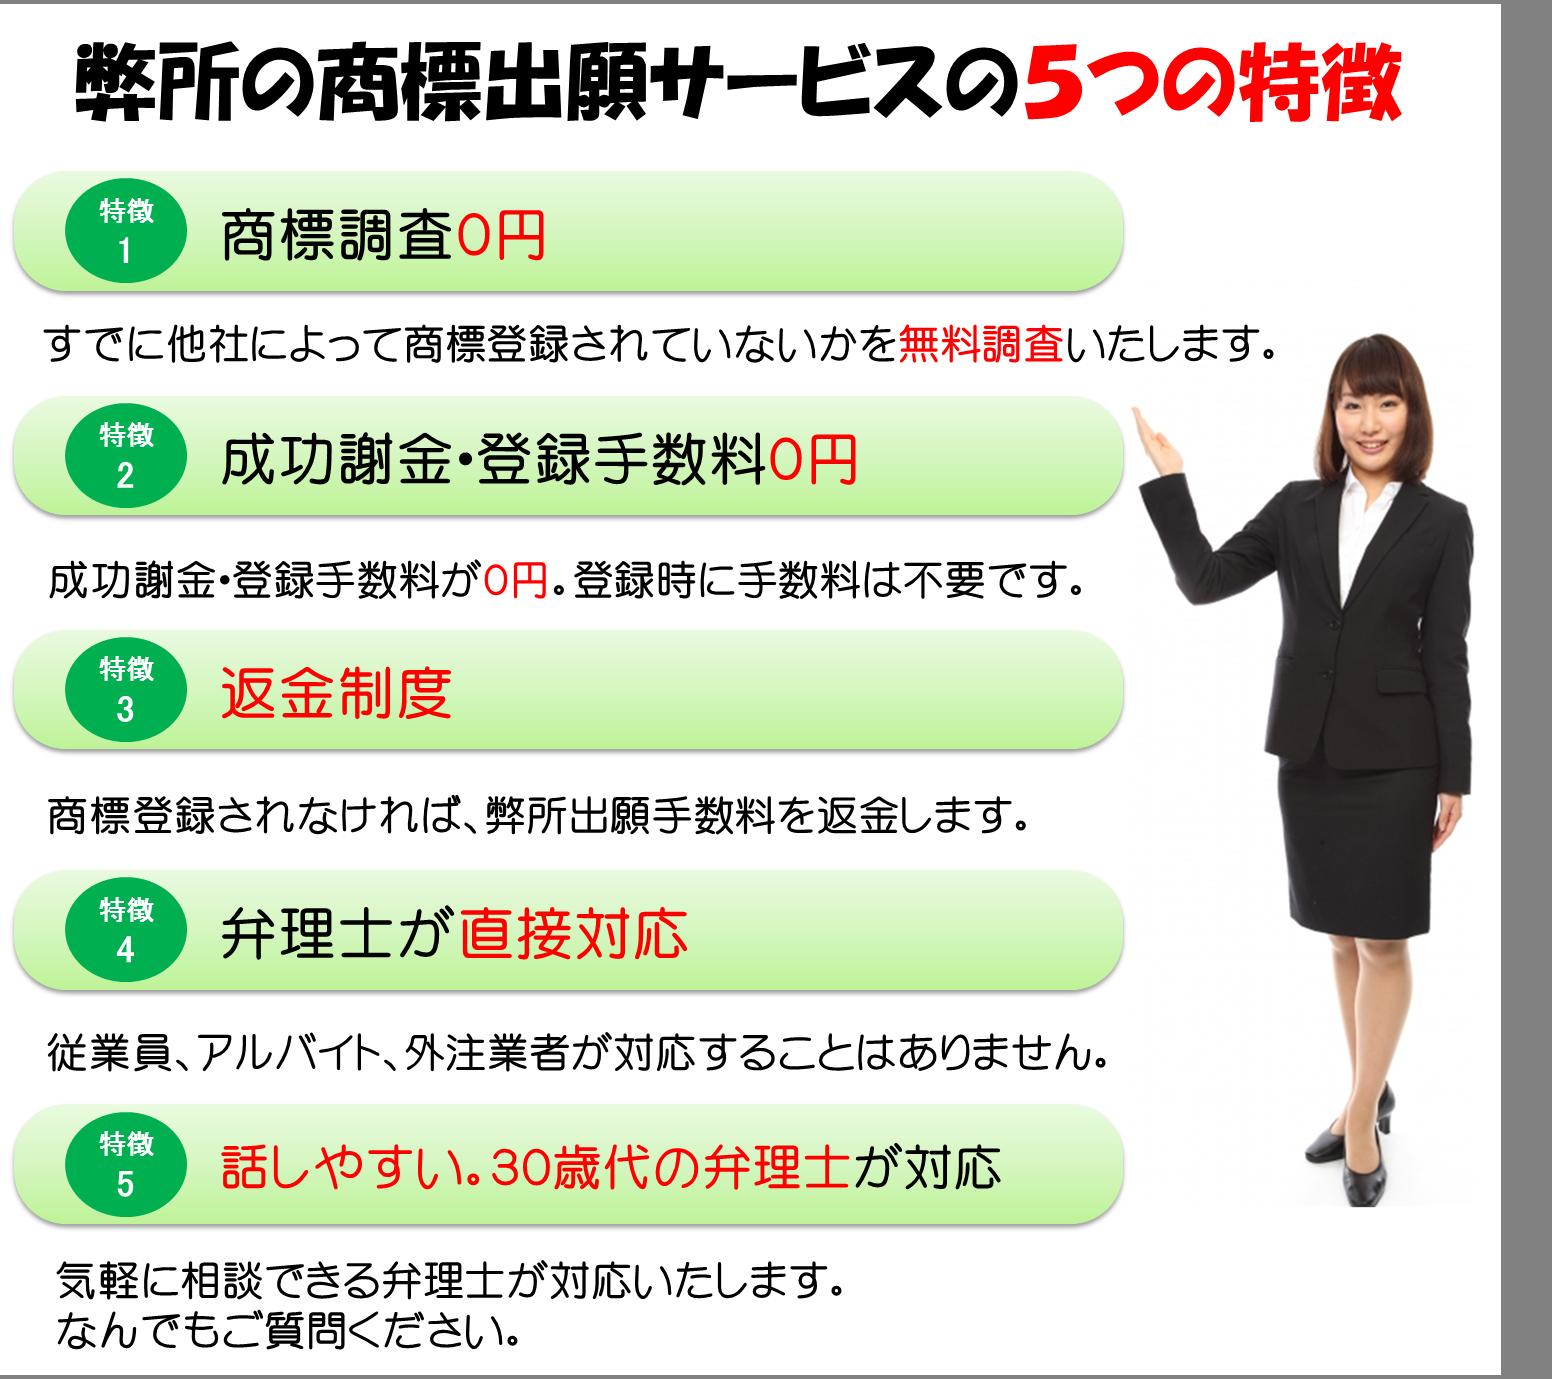 弊所の商標登録出願サービスの5つの特徴